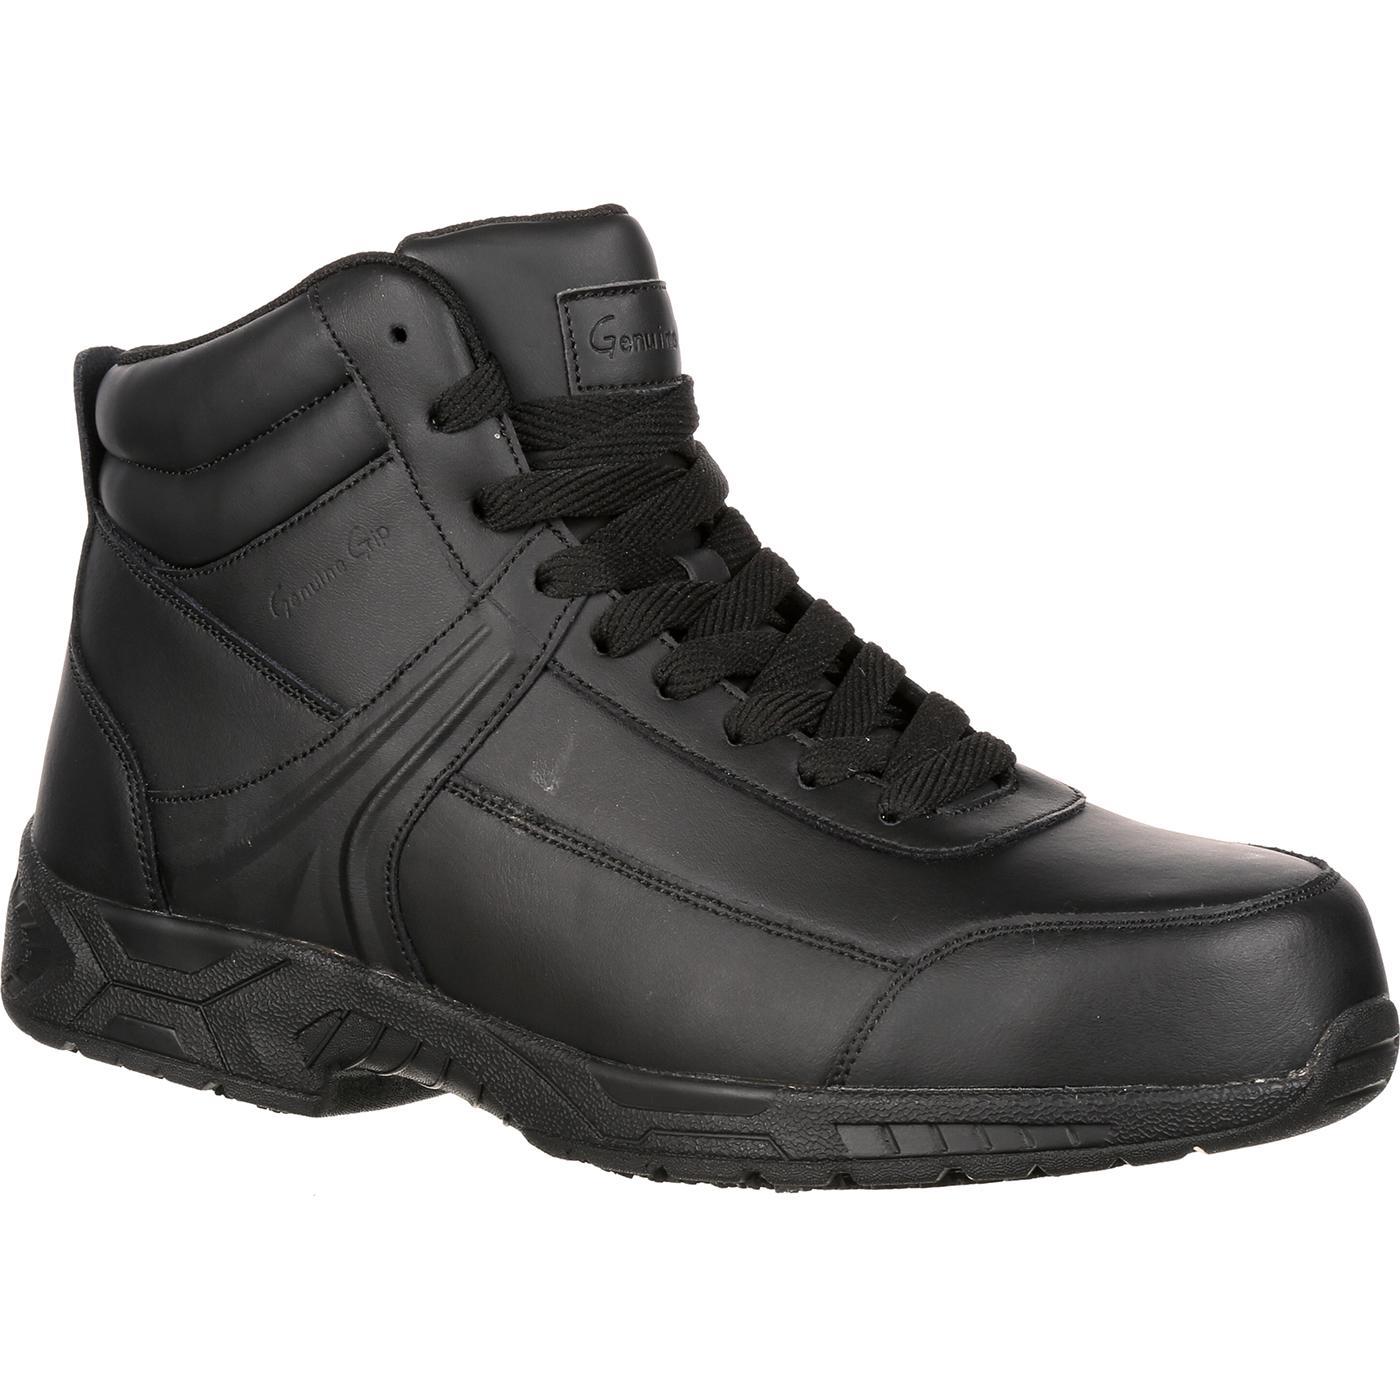 Genuine Grip Unisex Steel Toe Athletic High-Top Work Shoe abb703405